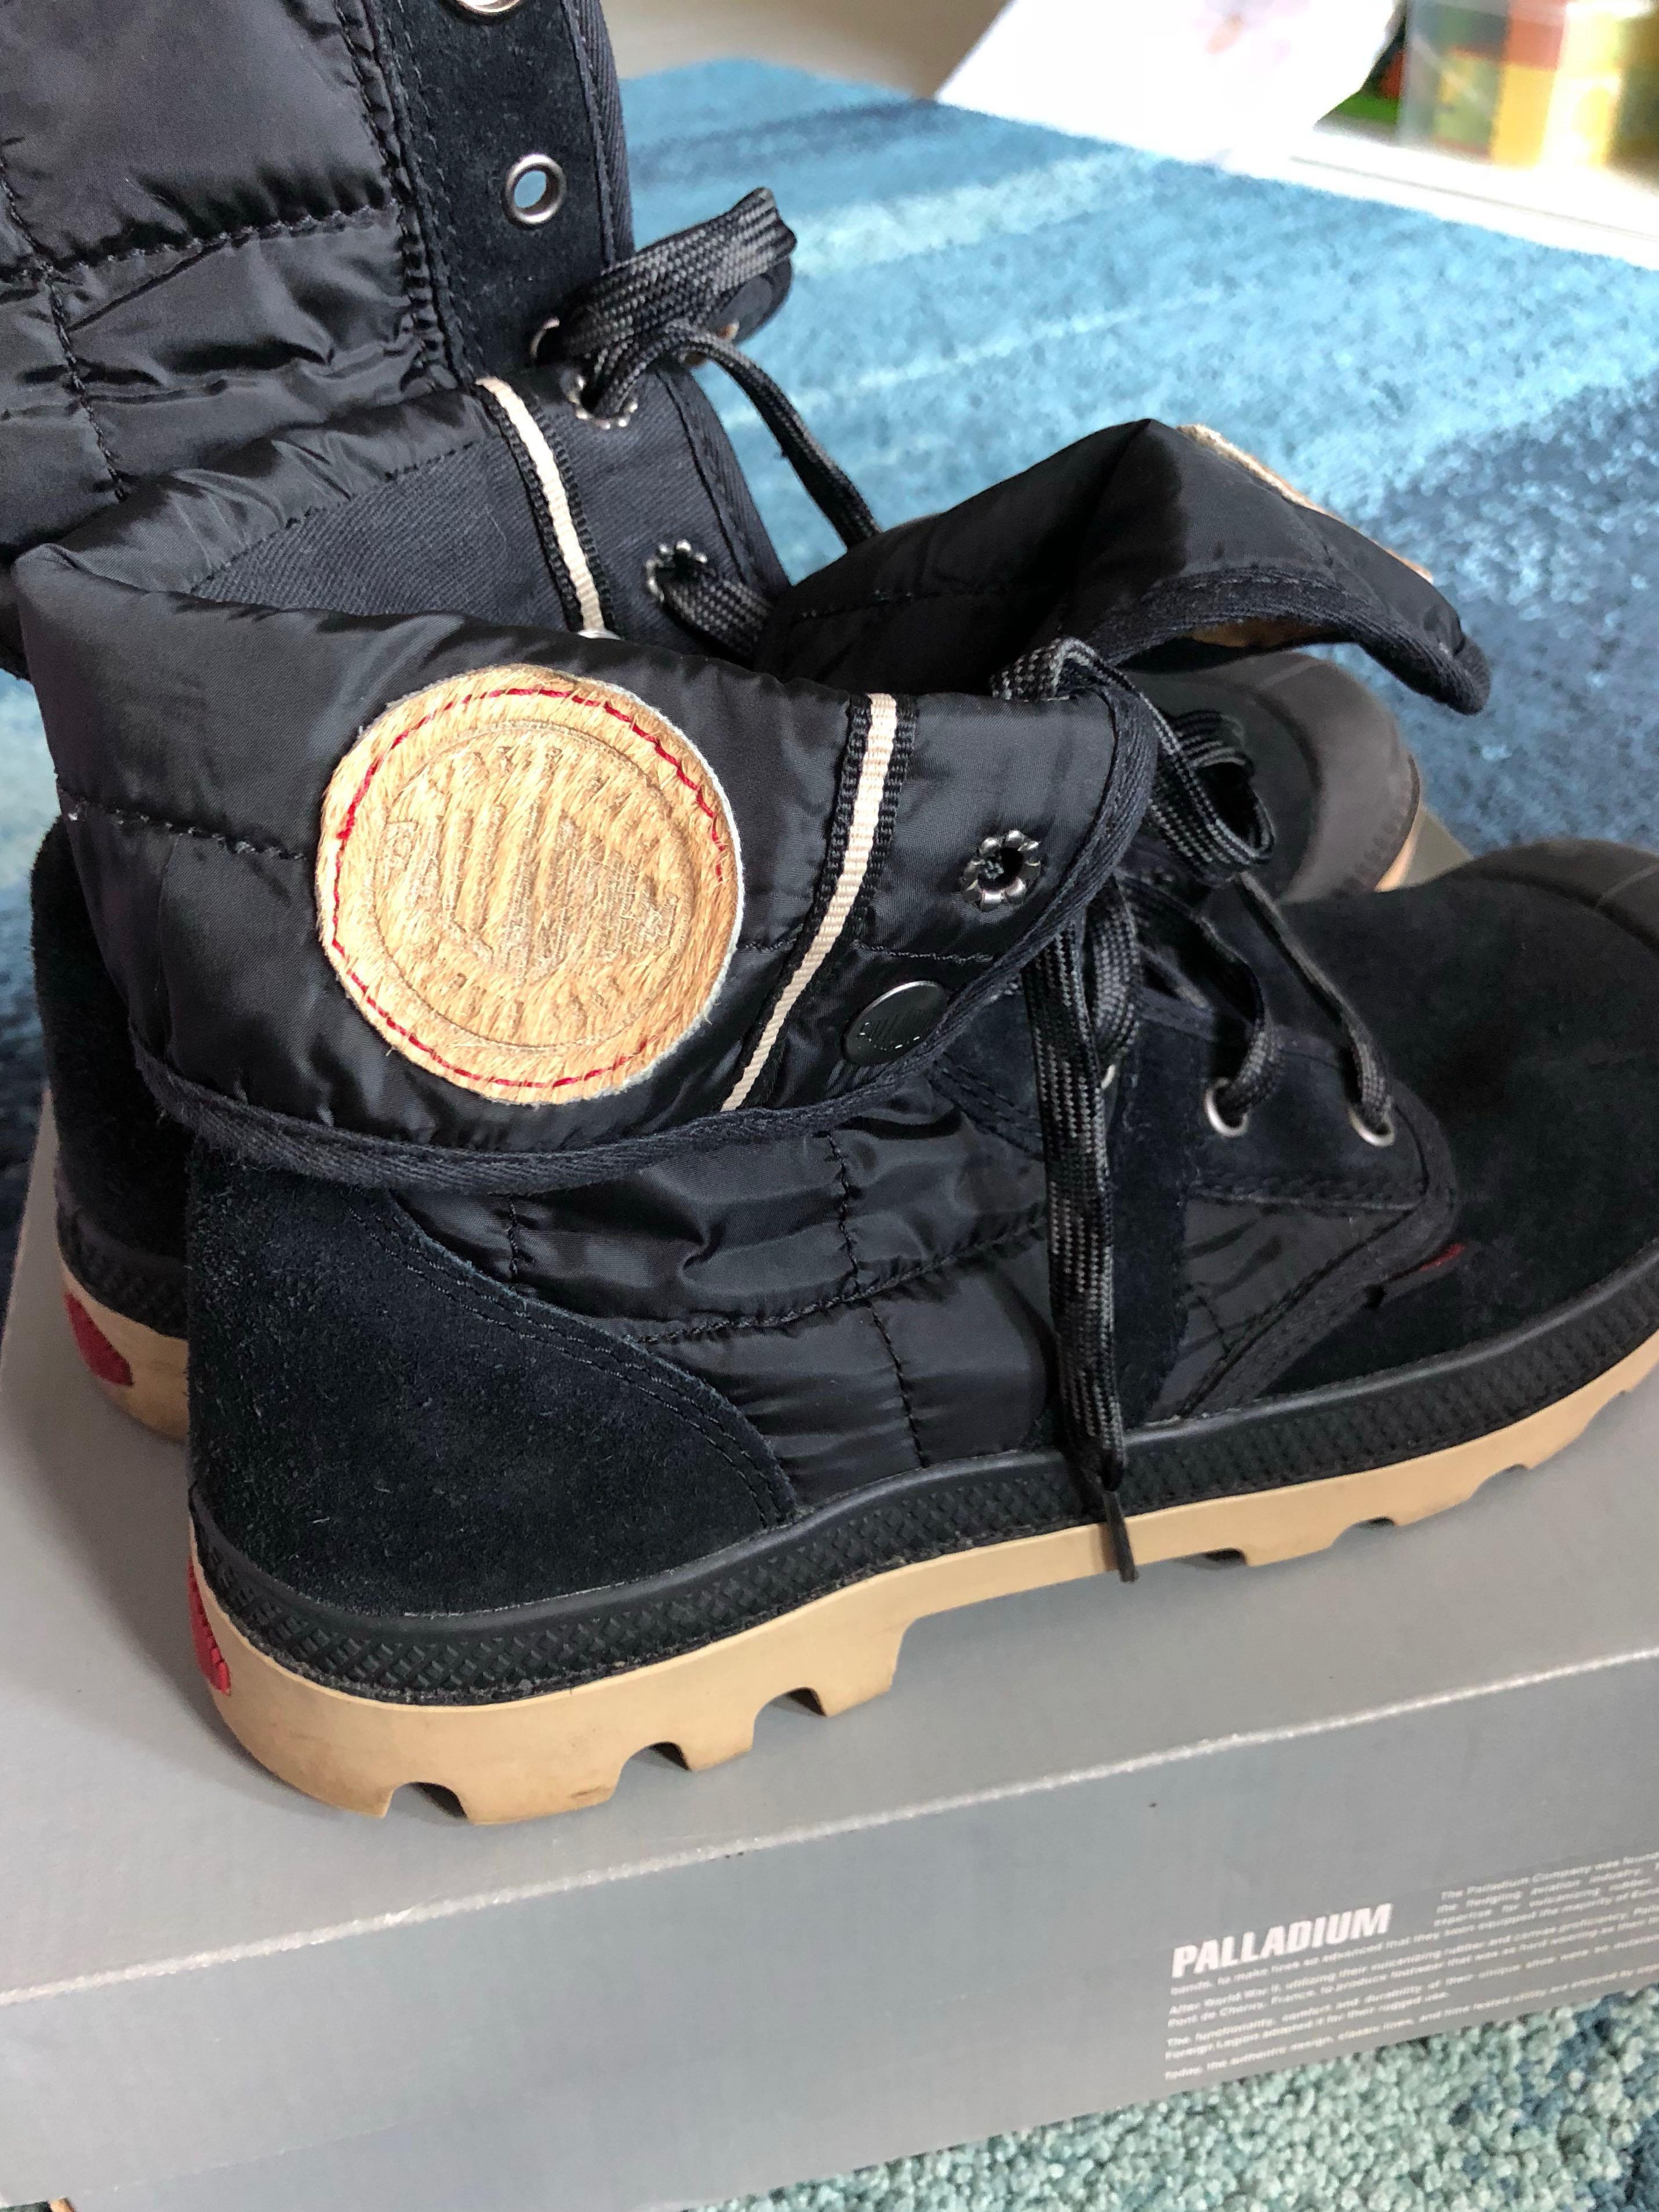 Palladium Suede Black Men Boots , Men's